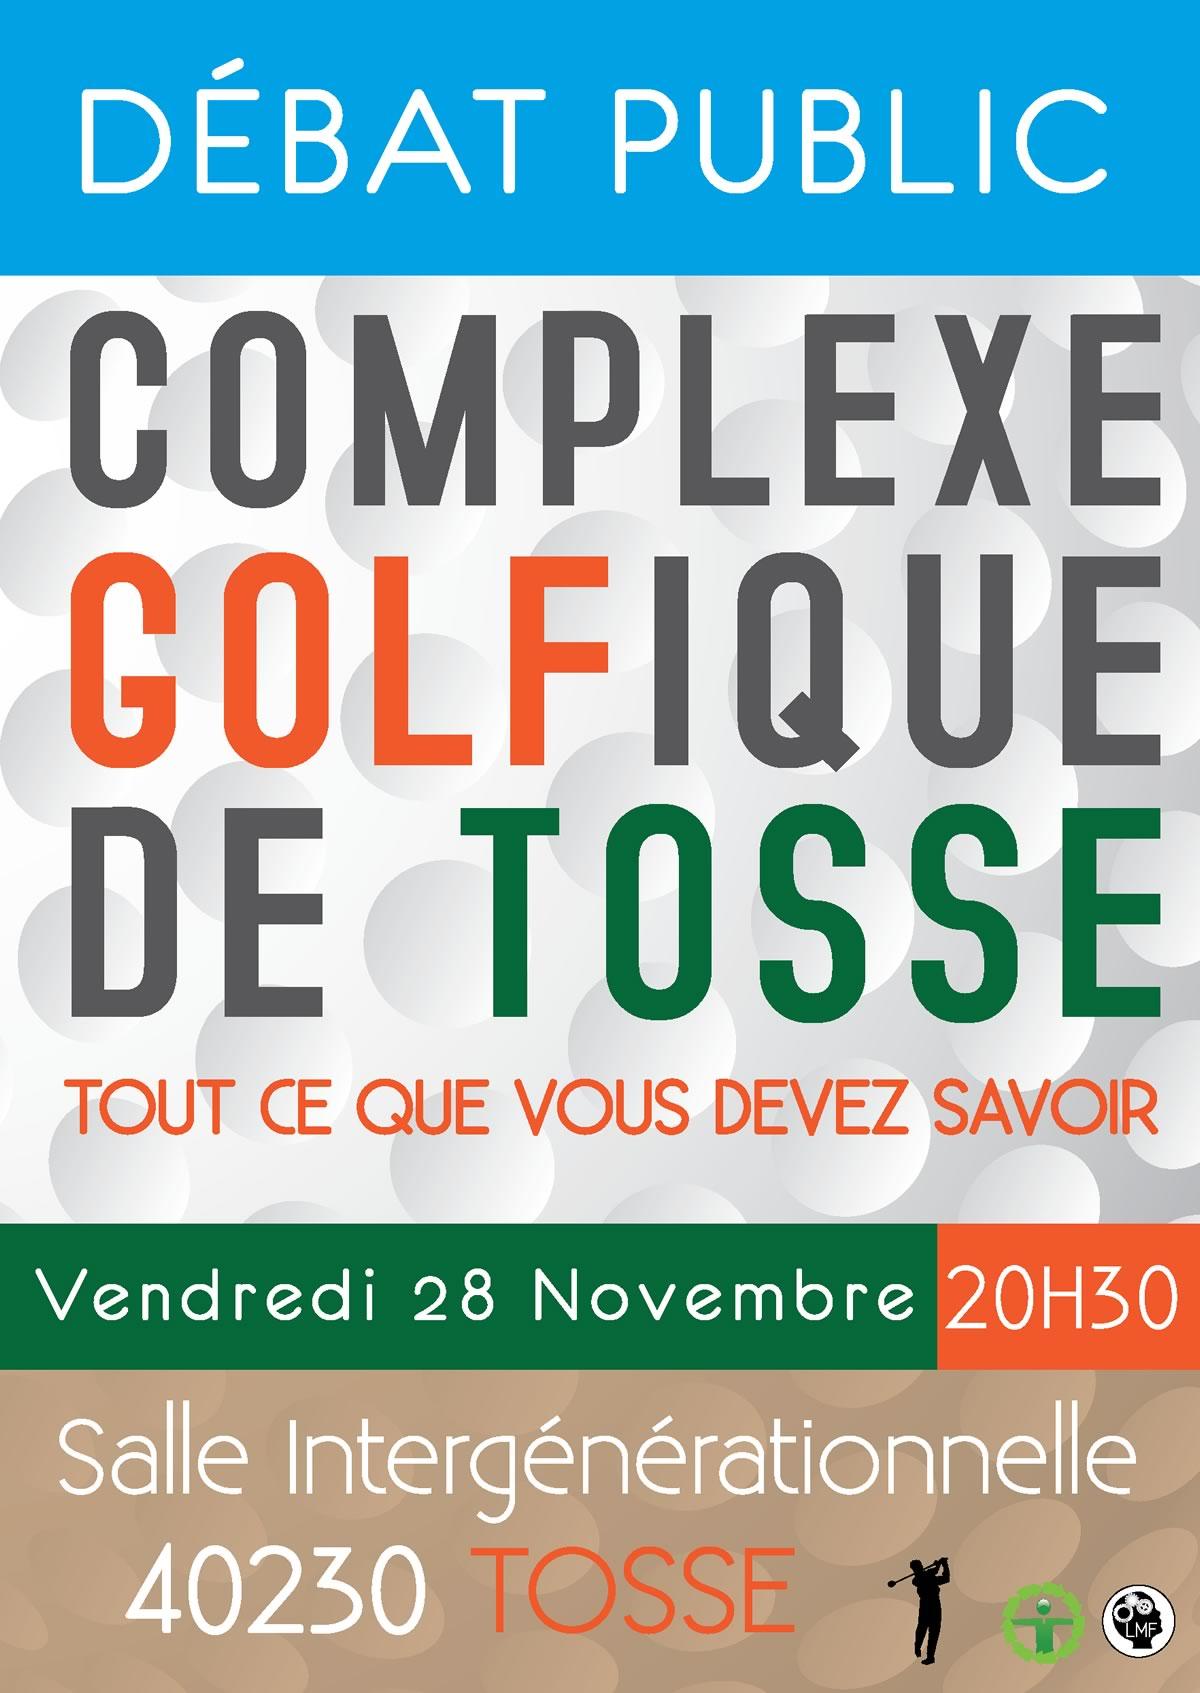 Débat Public : le Vendredi 28 Novembre, 20h30, salle intergénérationnelle à Tosse